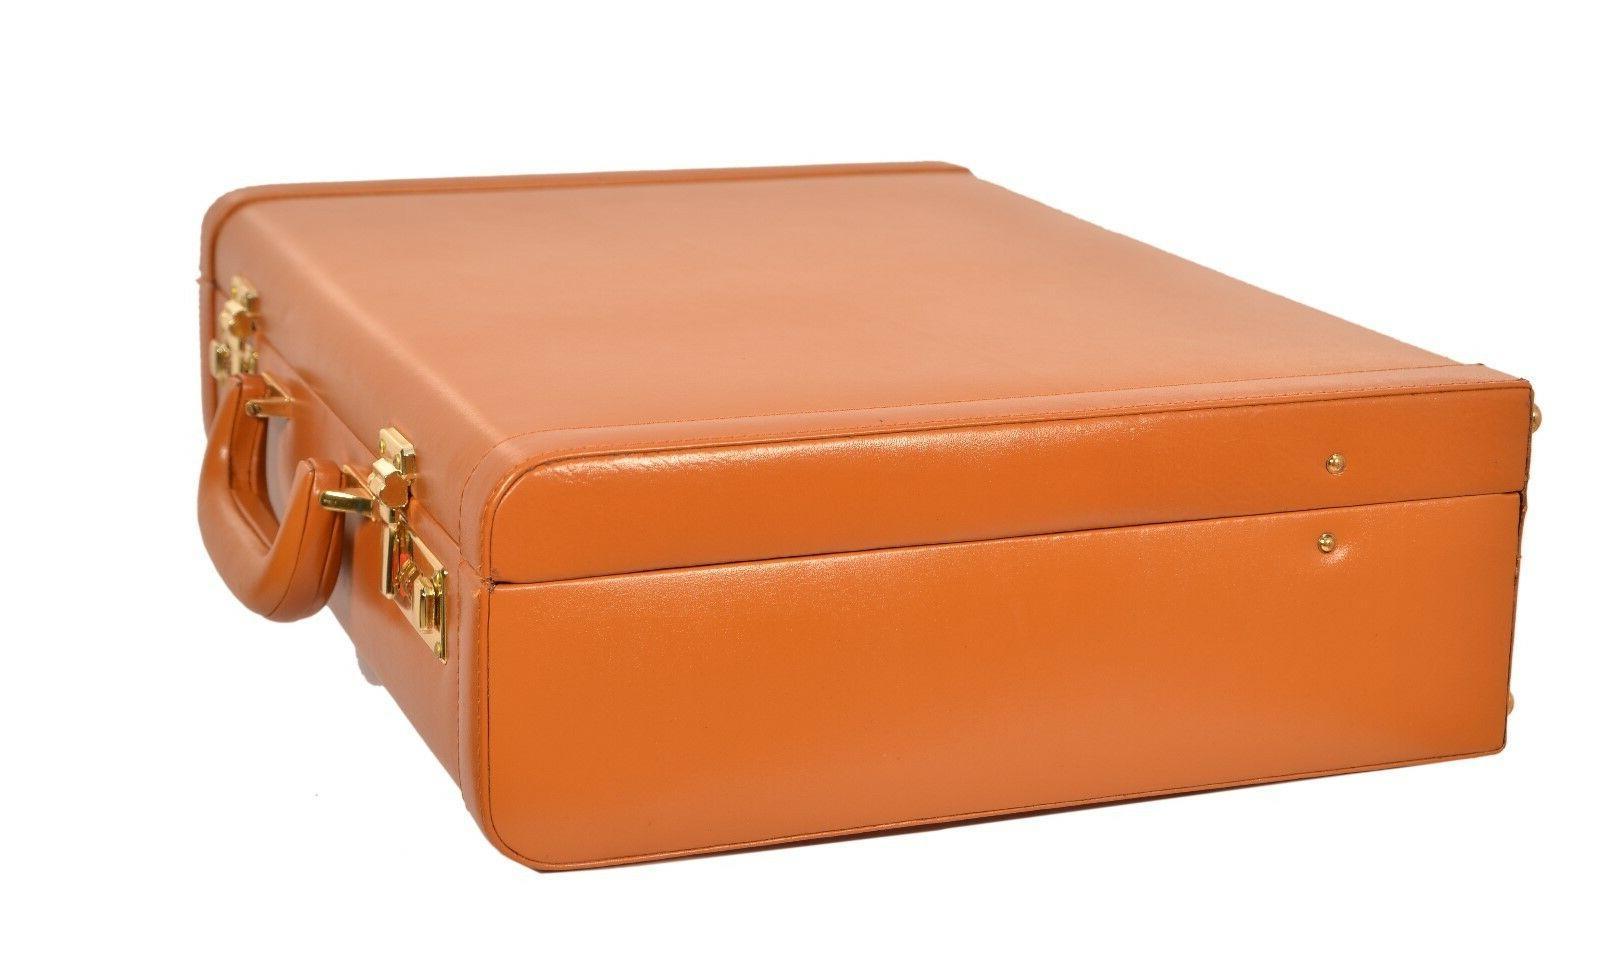 Hard Briefcase Retro Tan Luggage